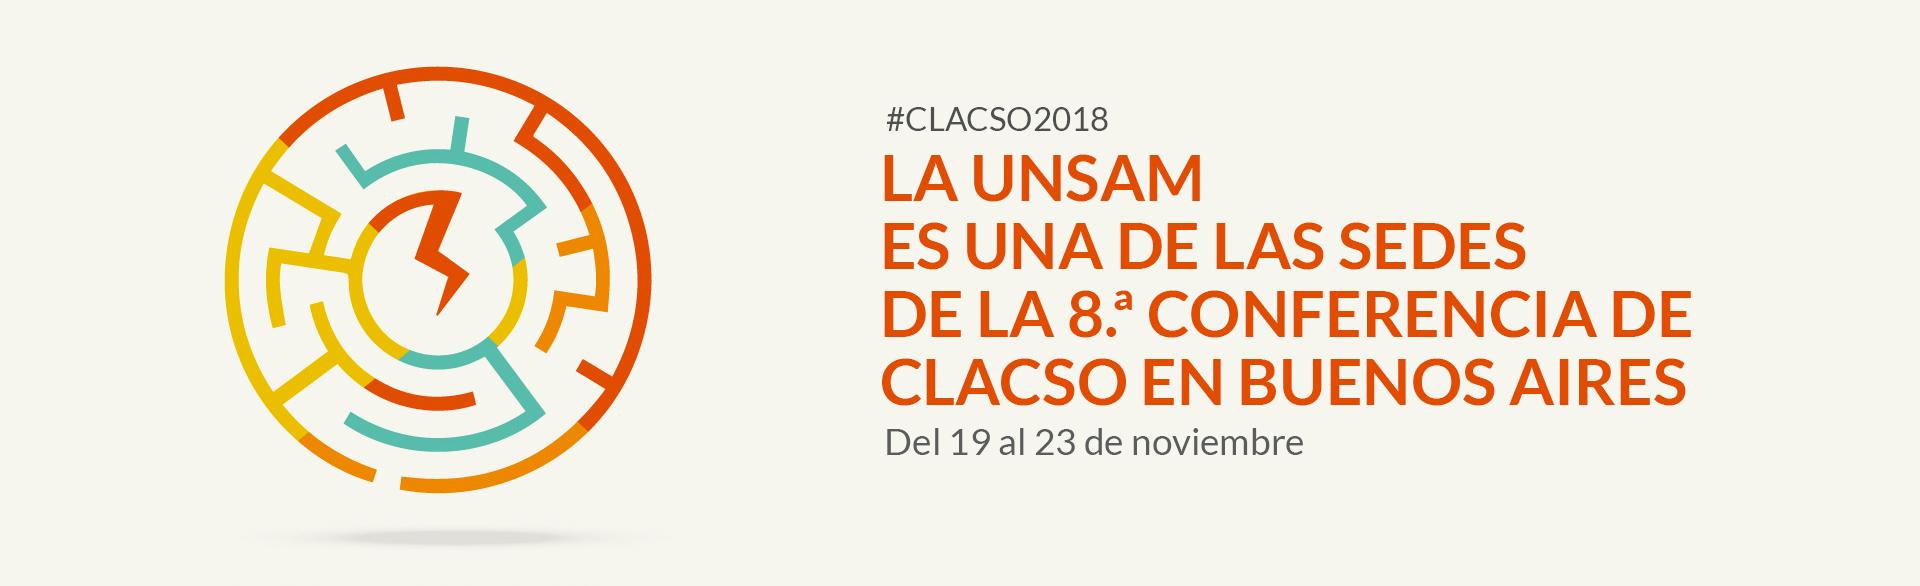 Octava conferencia CLACSO